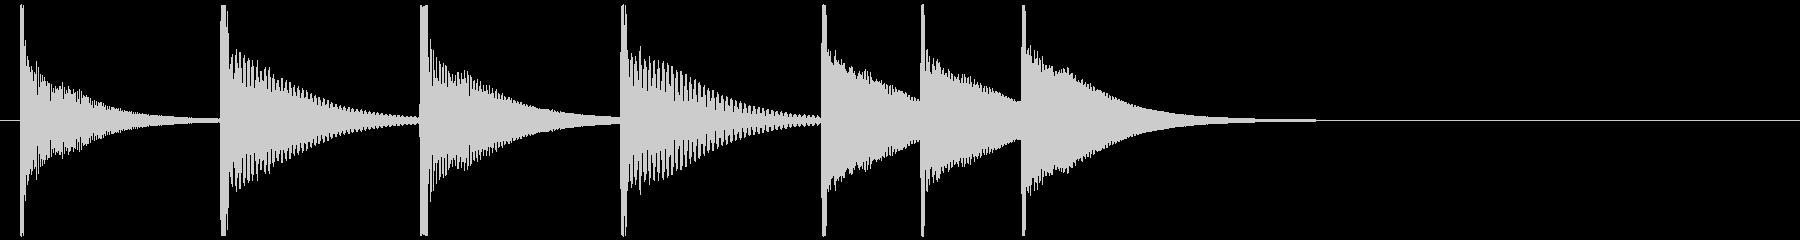 カリンバの不思議かわいいジングルの未再生の波形